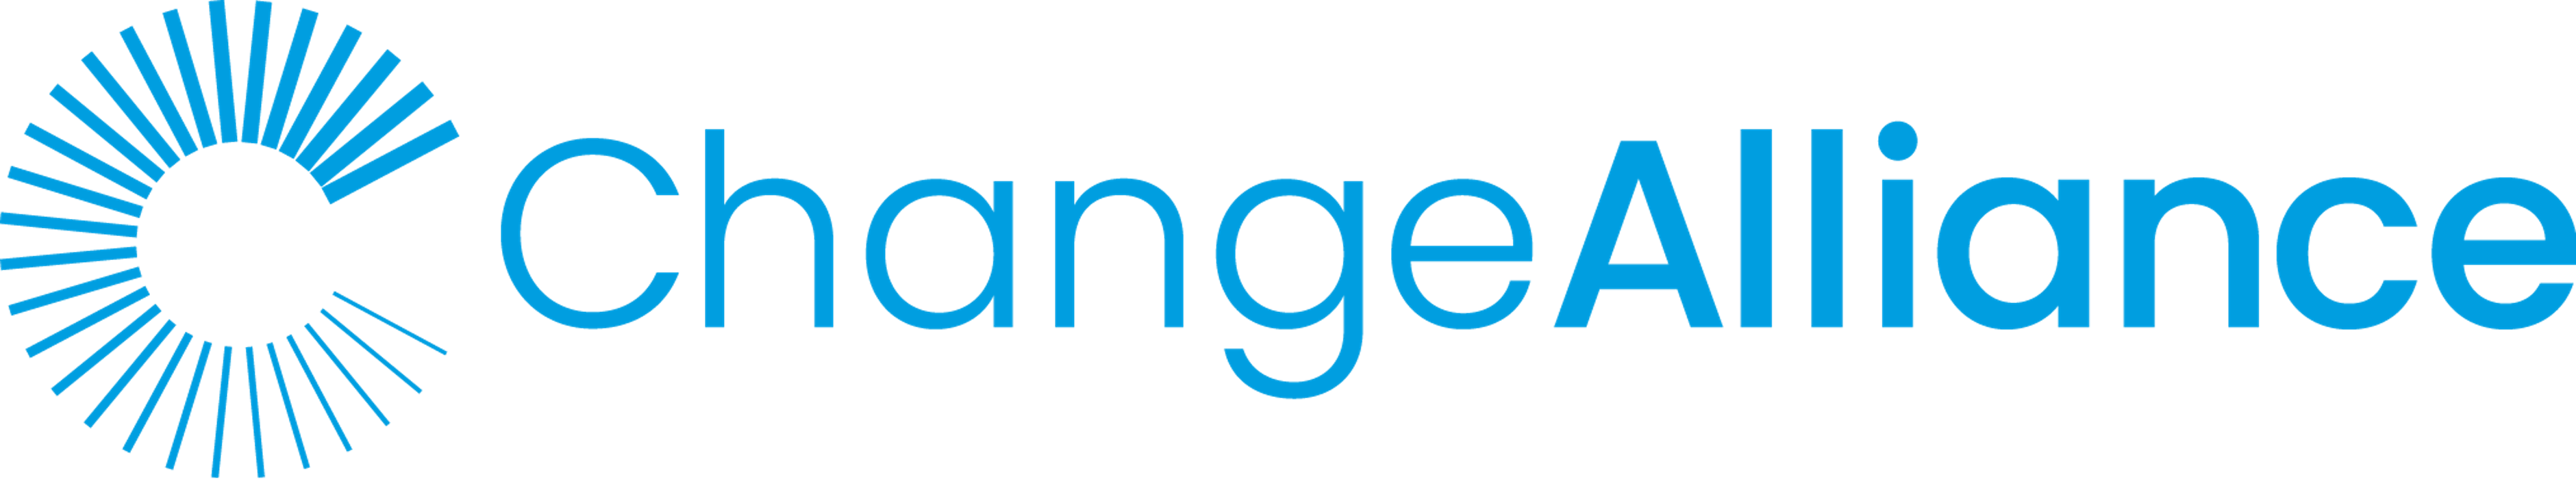 Bild zu Change Alliance - Experten für Transformation, Leadership und Teamentwicklung in Zorneding